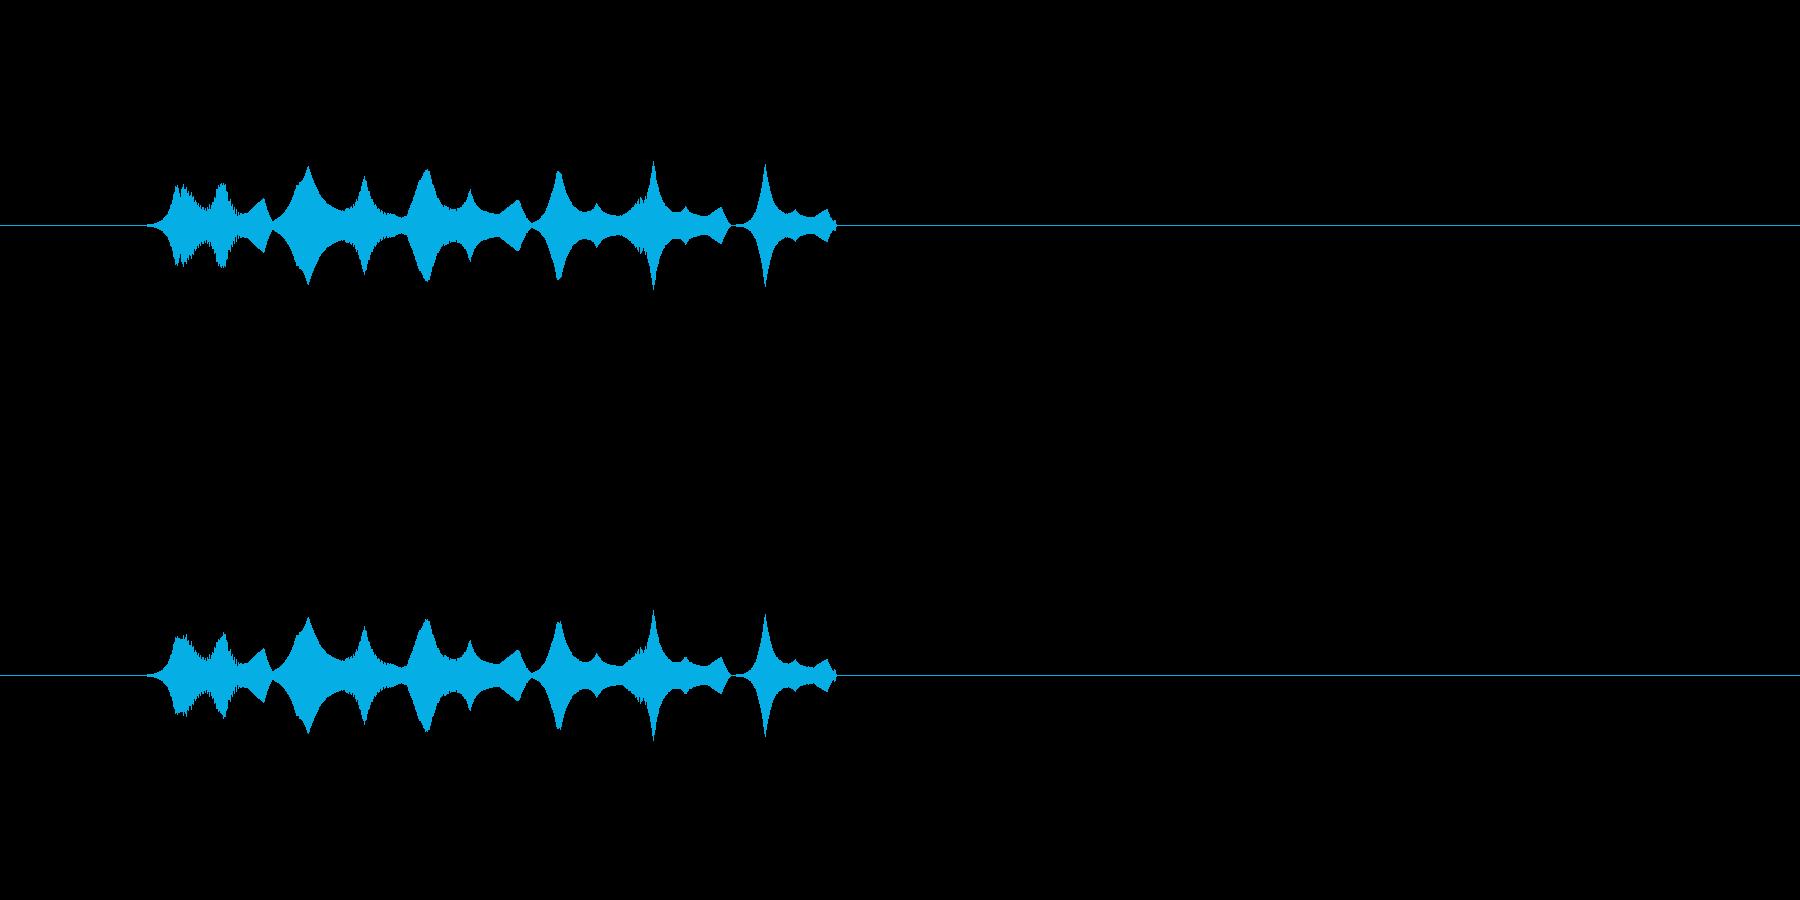 【ポップモーション34-1】の再生済みの波形